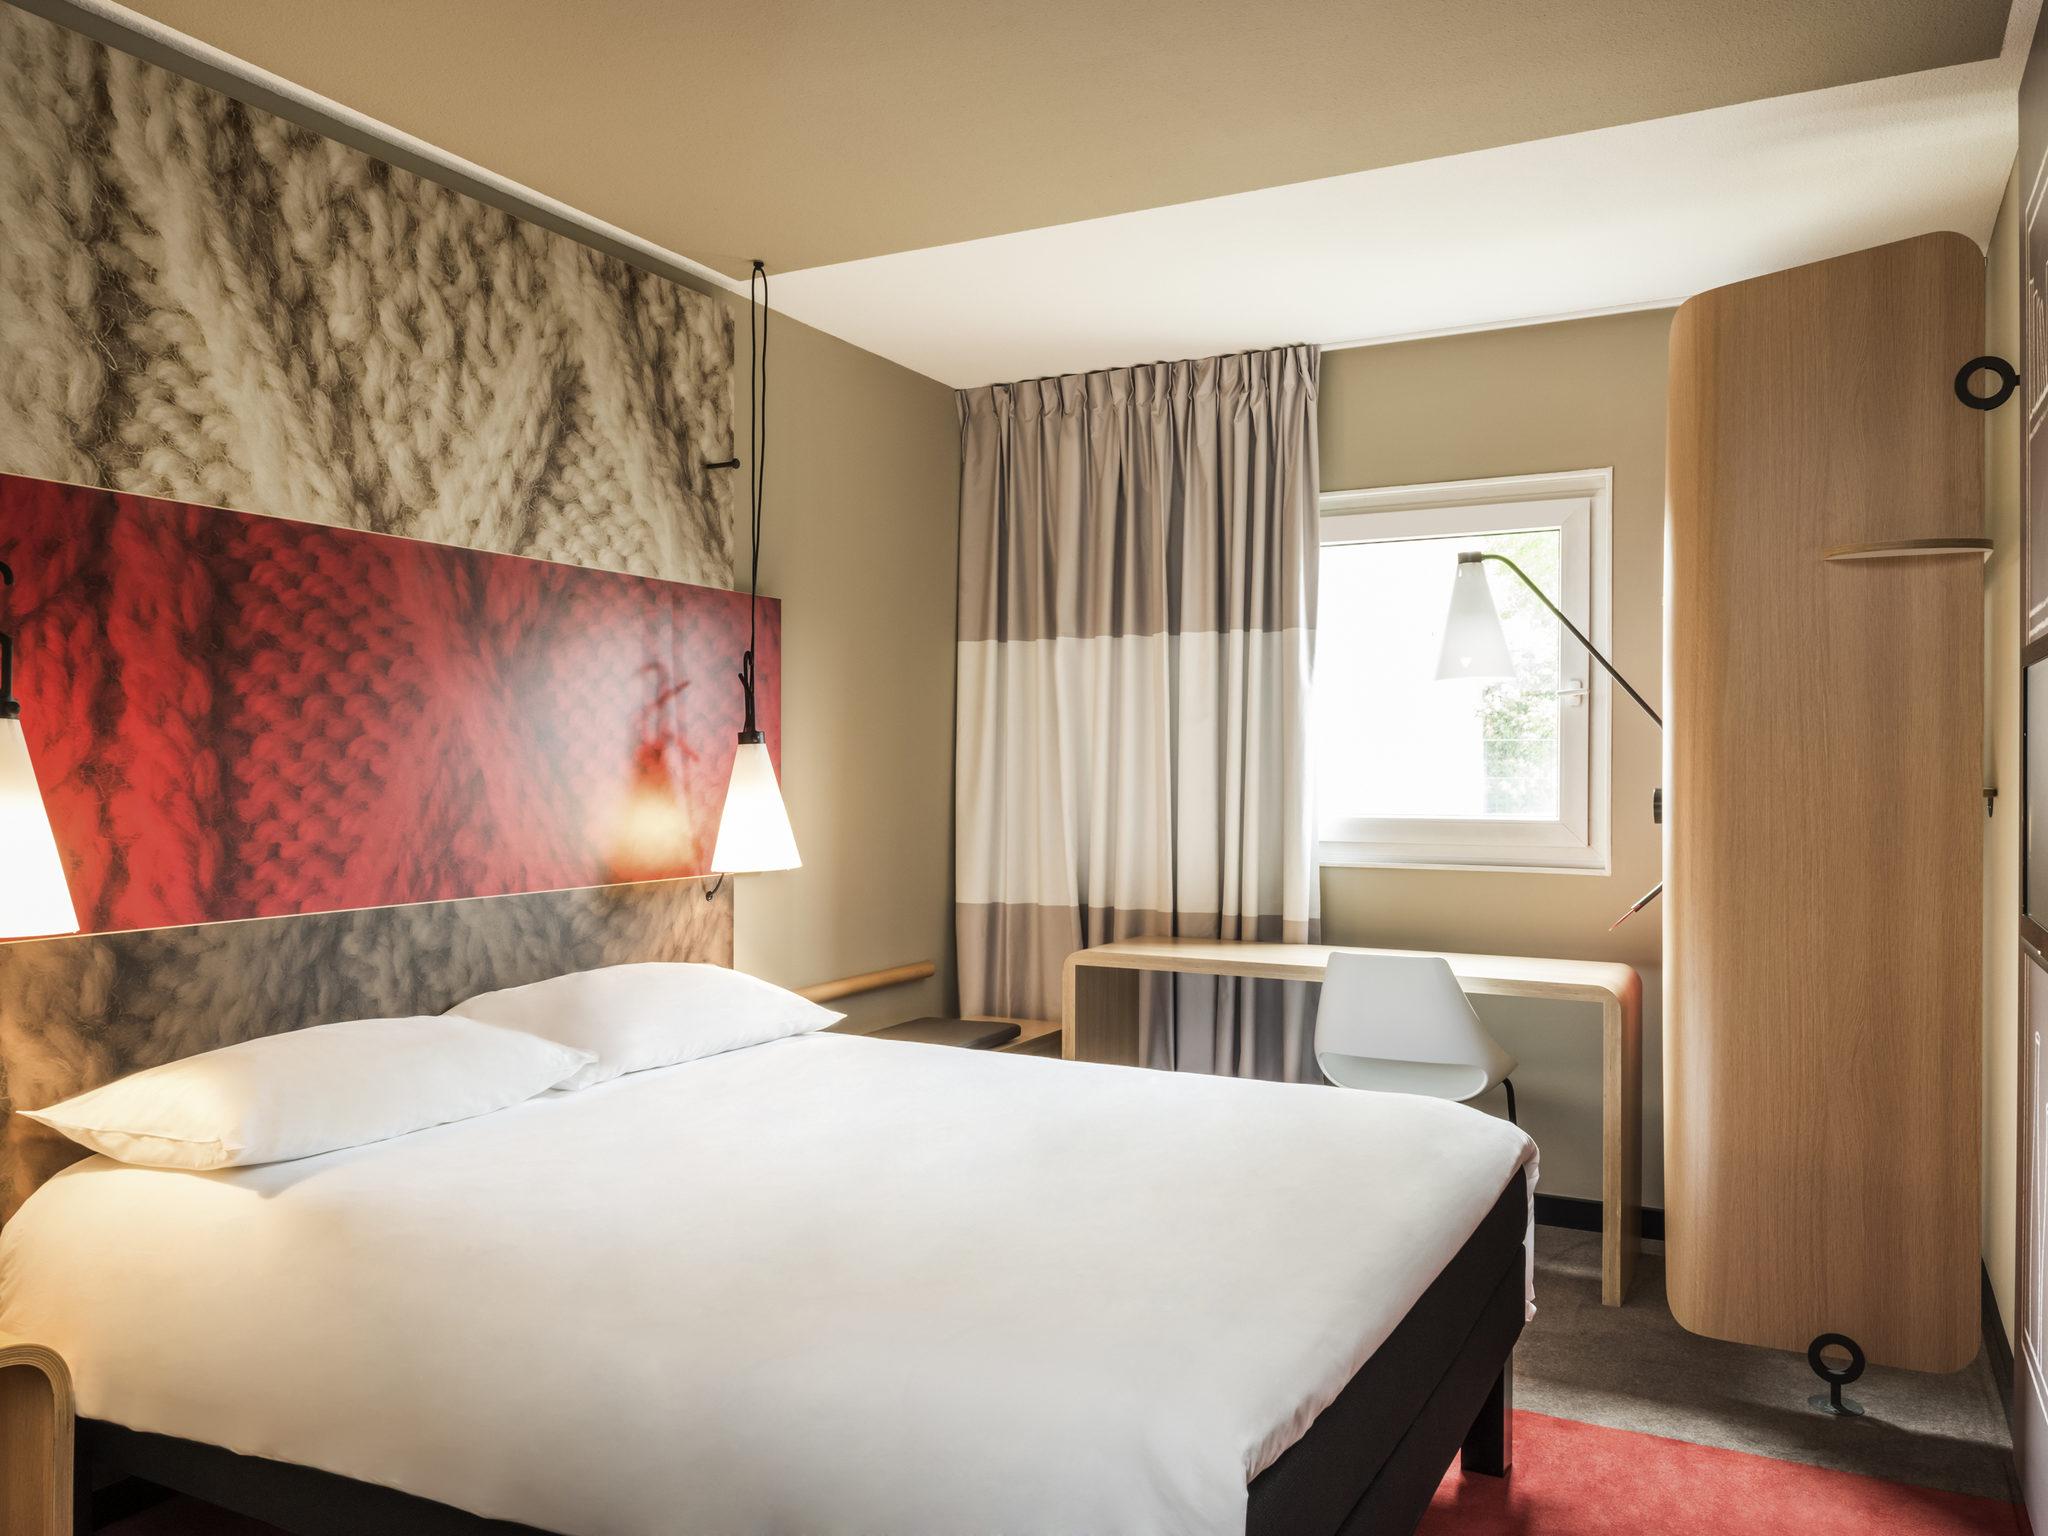 酒店 – 宜必思巴黎思伊西莱穆利诺塞纳河谷酒店